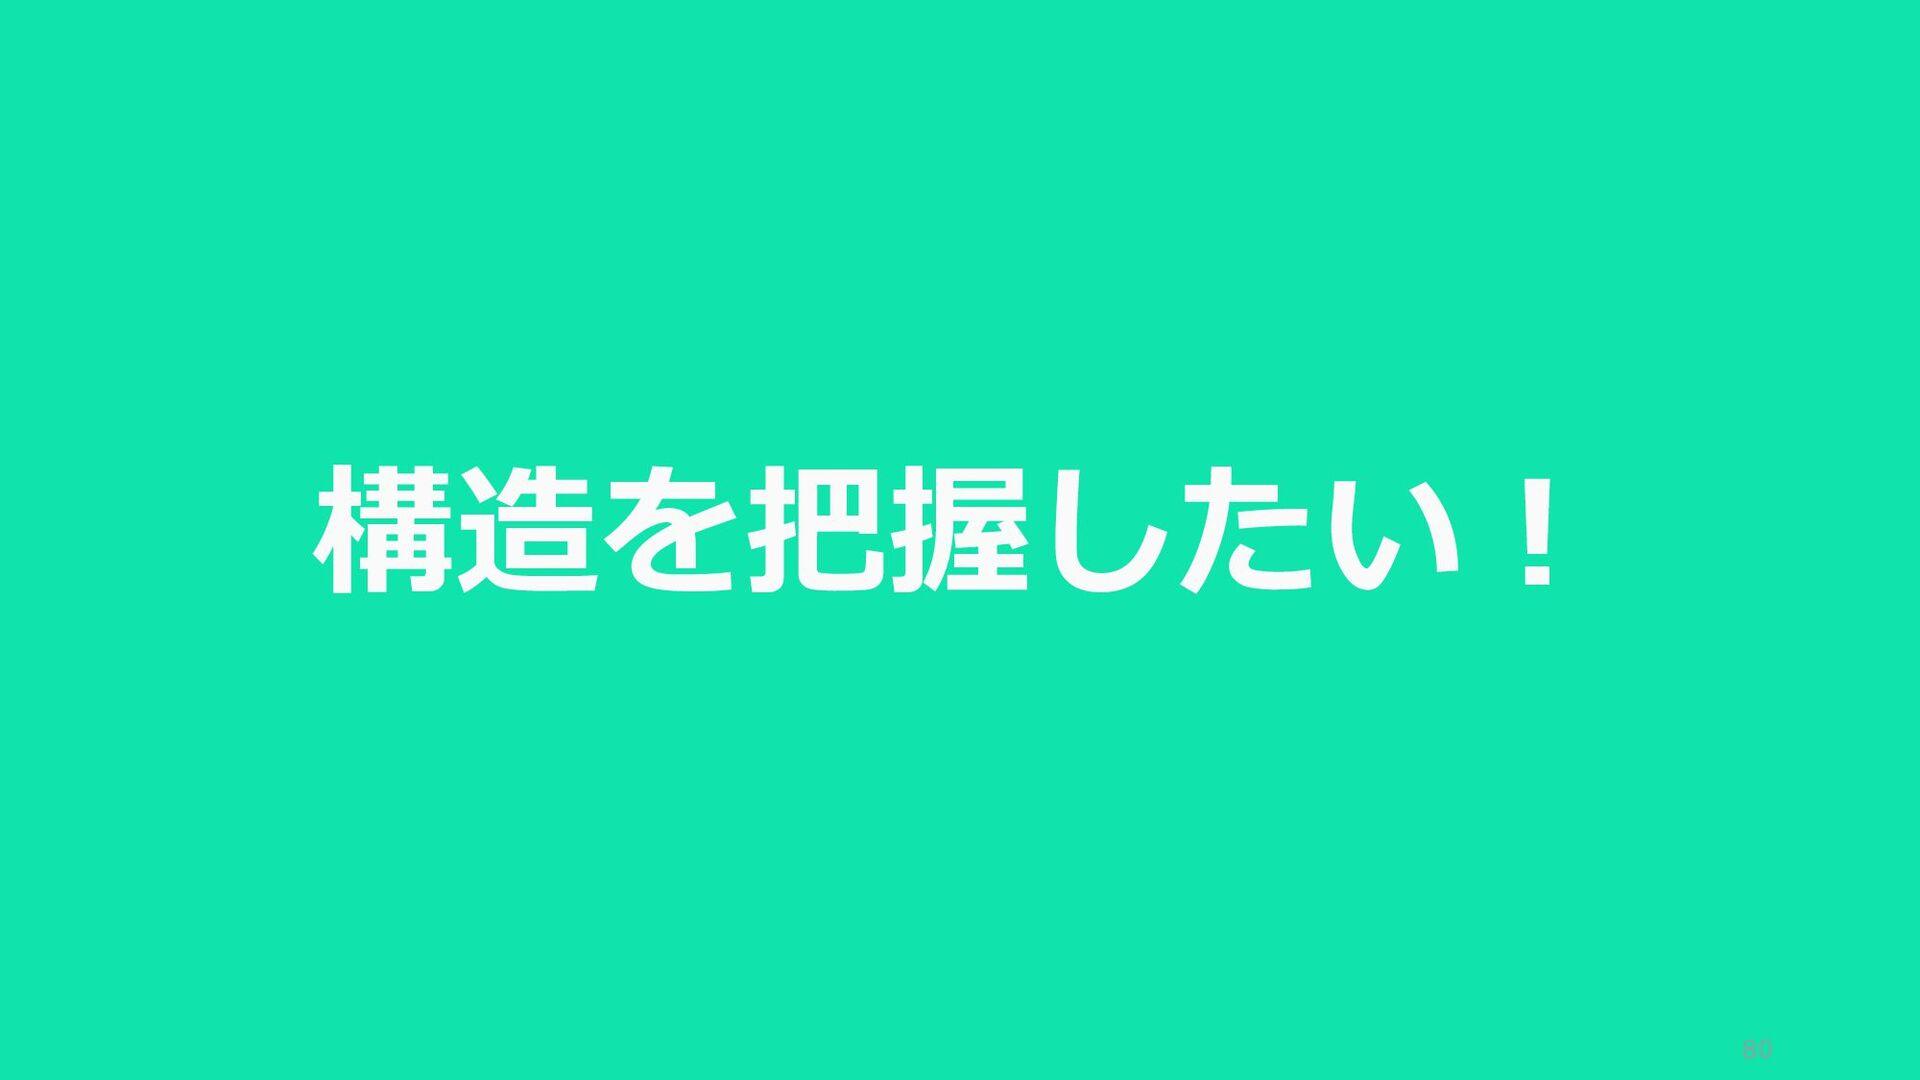 原因分析:コーザリティ分析 (Causal Analysis) 例)昼御飯の相手がいないコーザ...